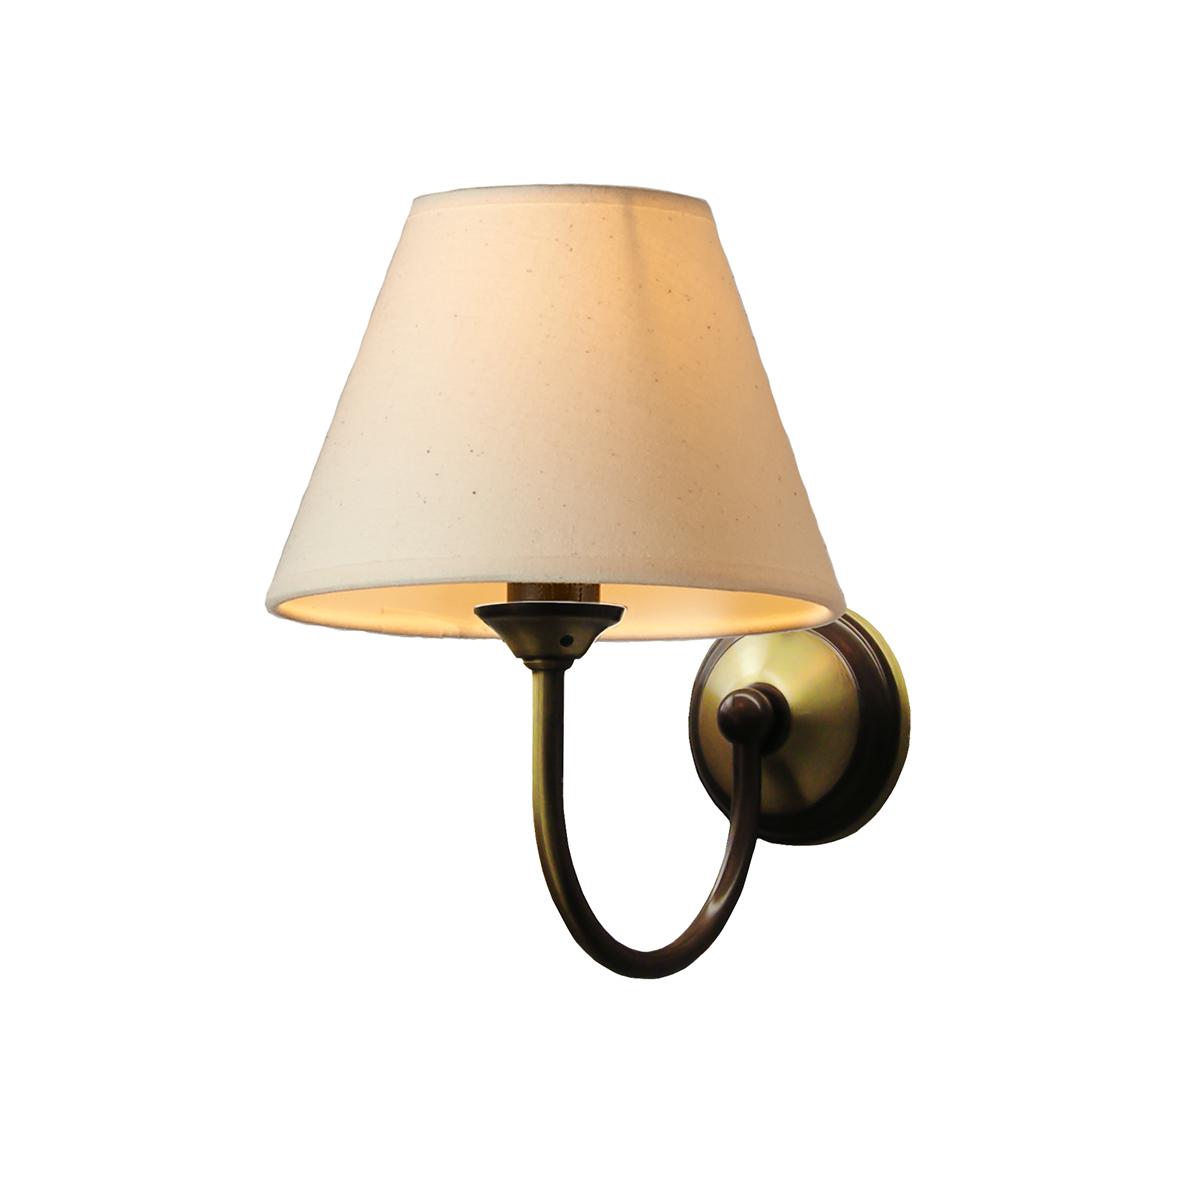 Φωτιστικό τοίχου με καπέλο ΝΑΞΟΣ-1 wall lamp with shade